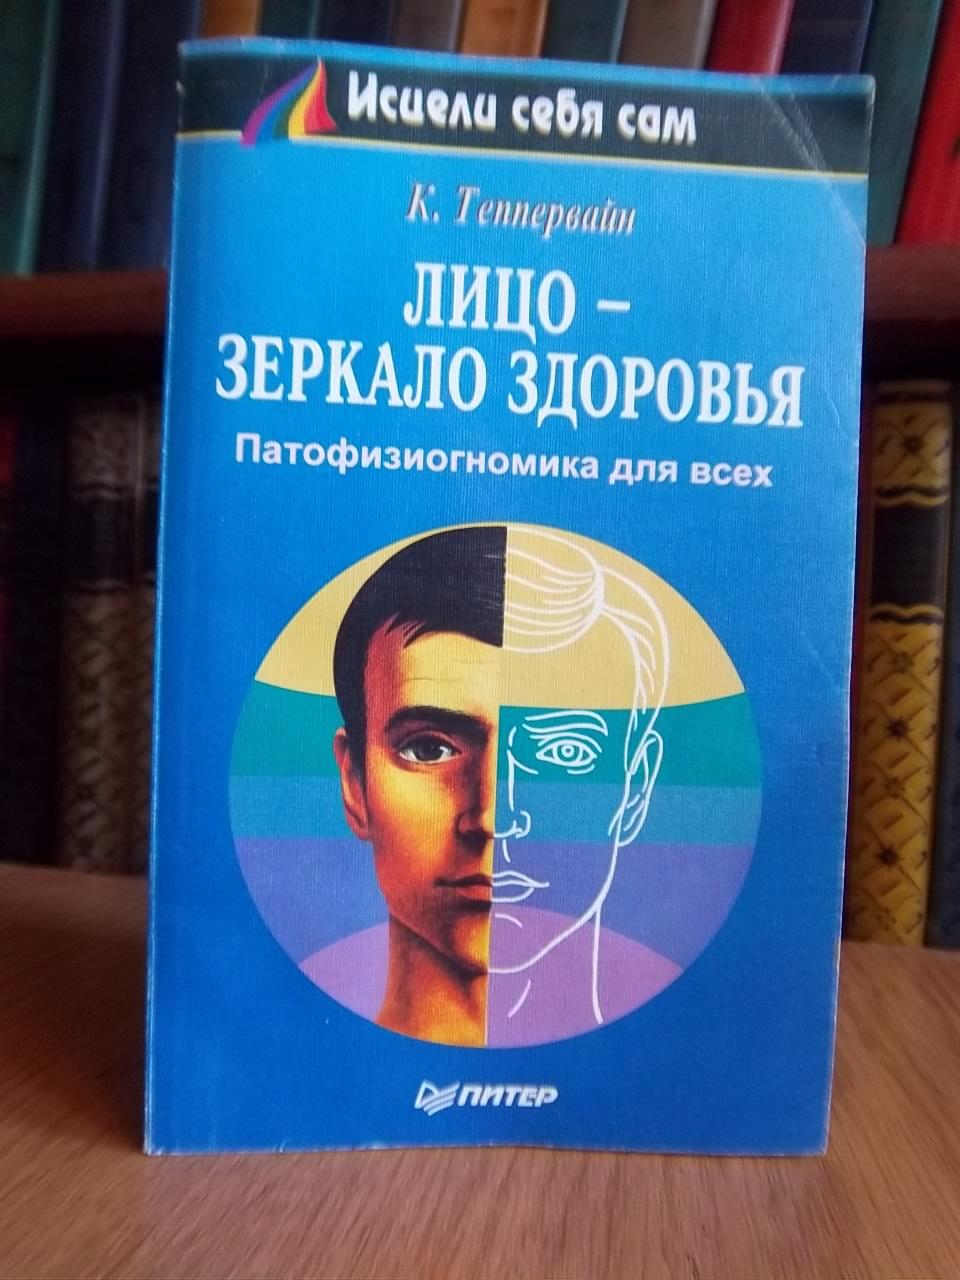 Лицо - зеркало здоровья Патофизиогномика для всех